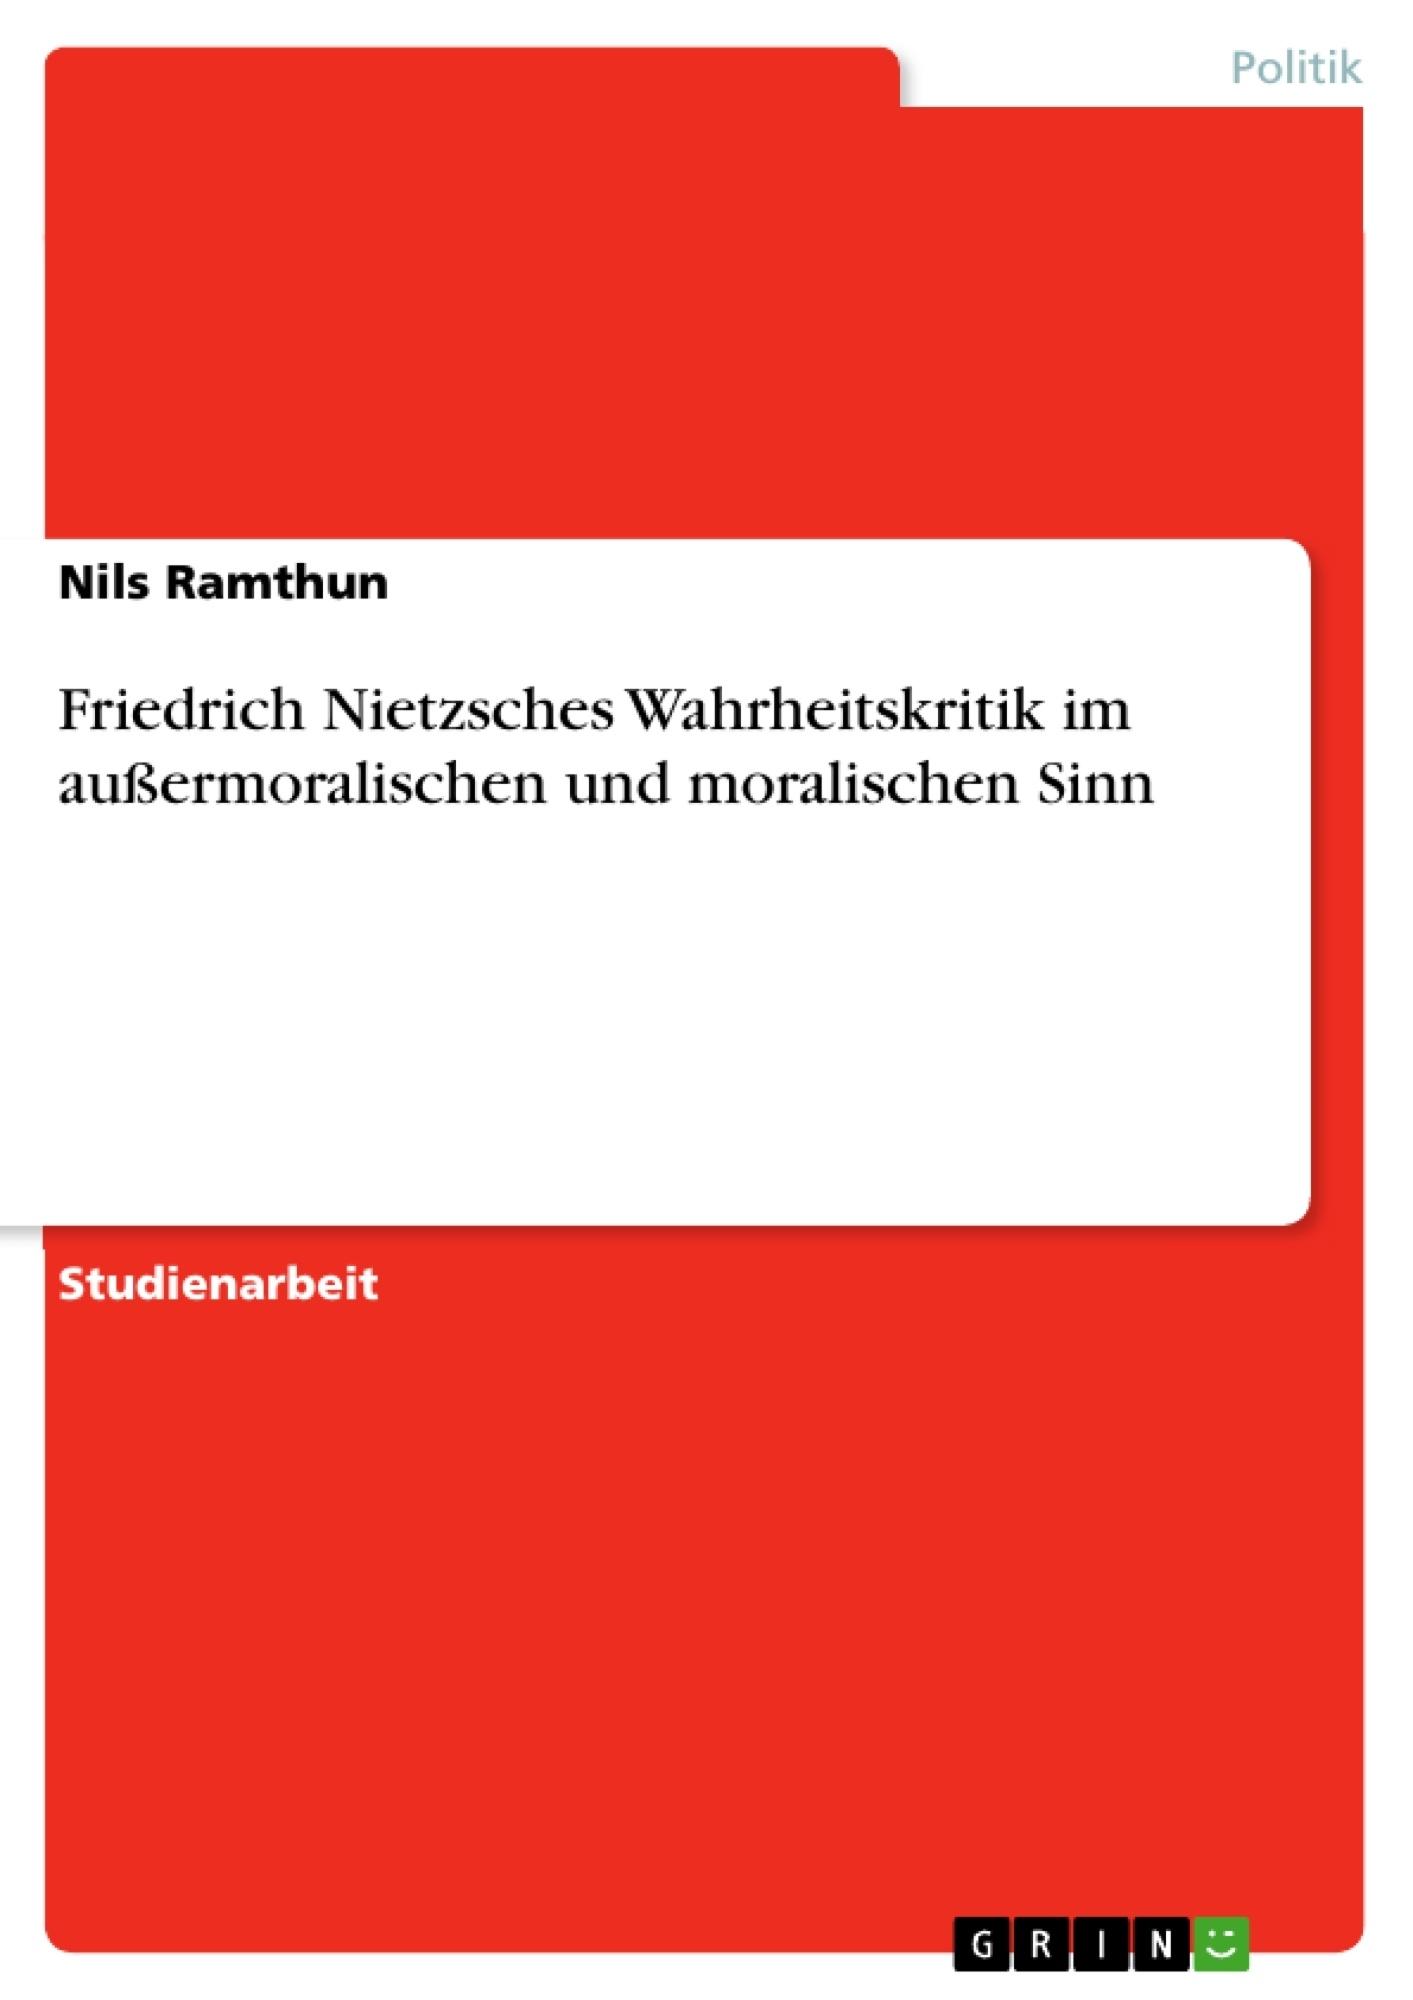 Titel: Friedrich Nietzsches Wahrheitskritik im außermoralischen und moralischen Sinn